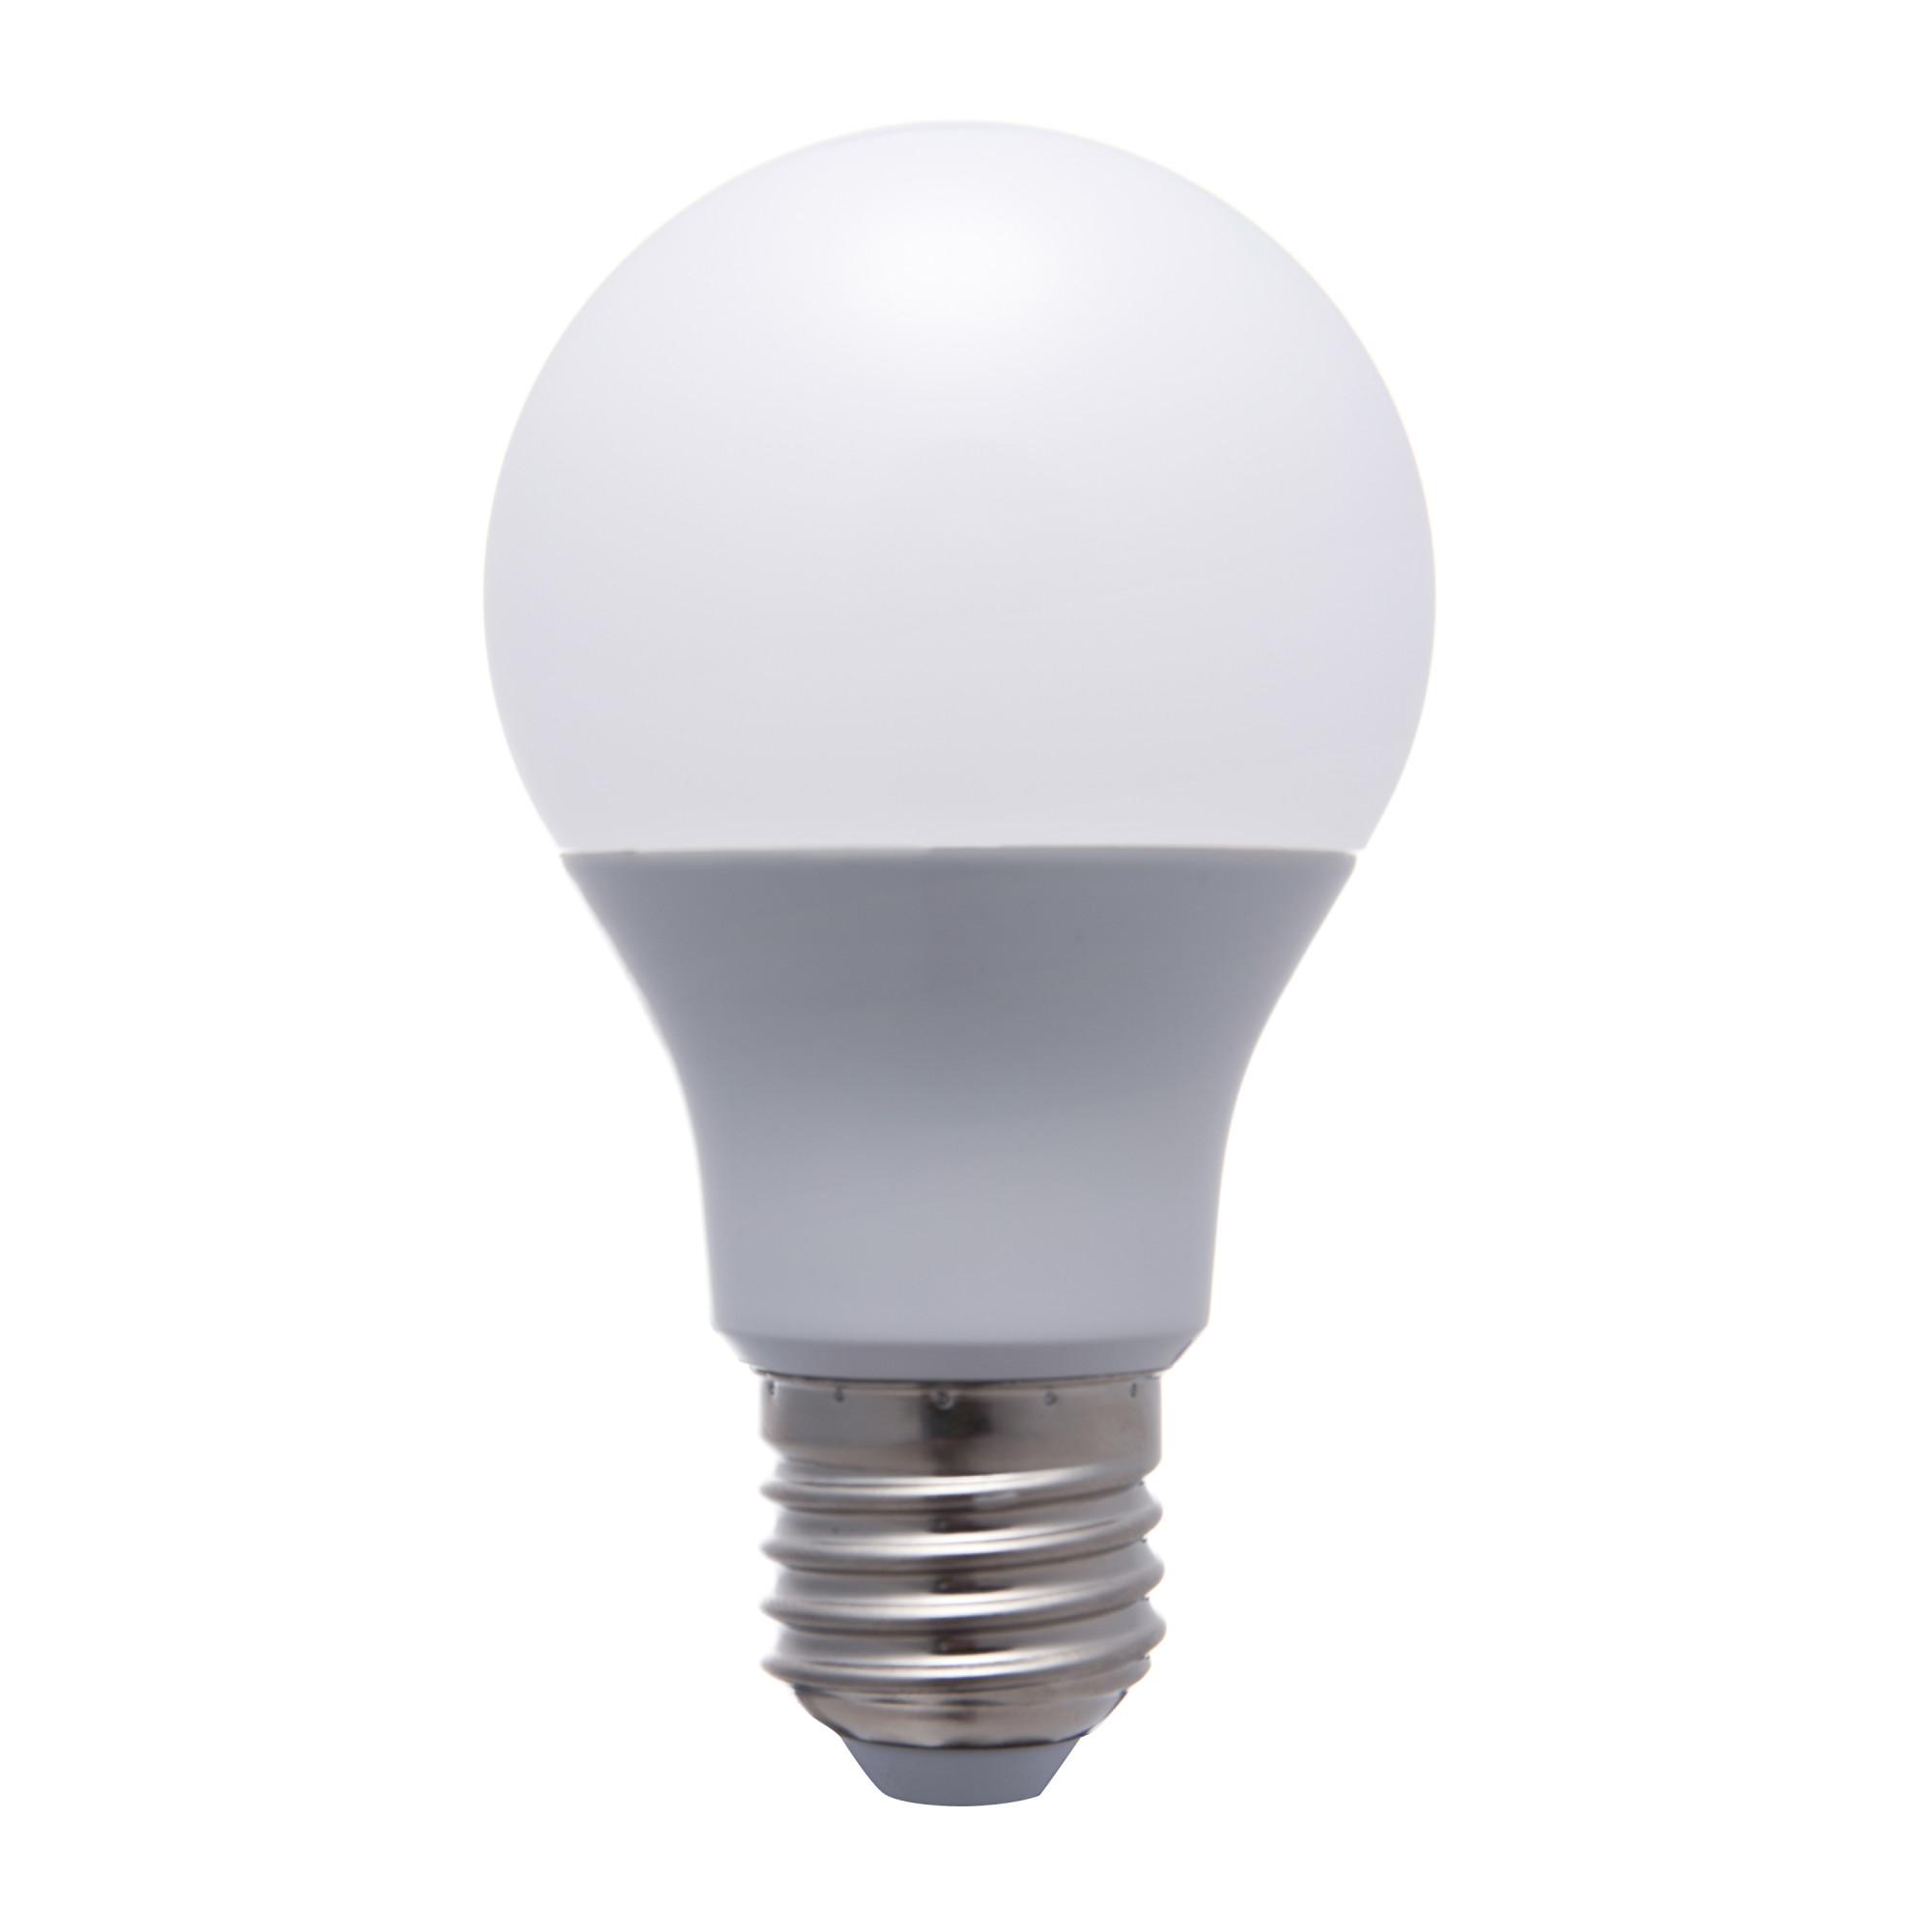 Лампа светодиодная Lexman E27 9.7 Вт 806 Лм 4000 K свет нейтральный